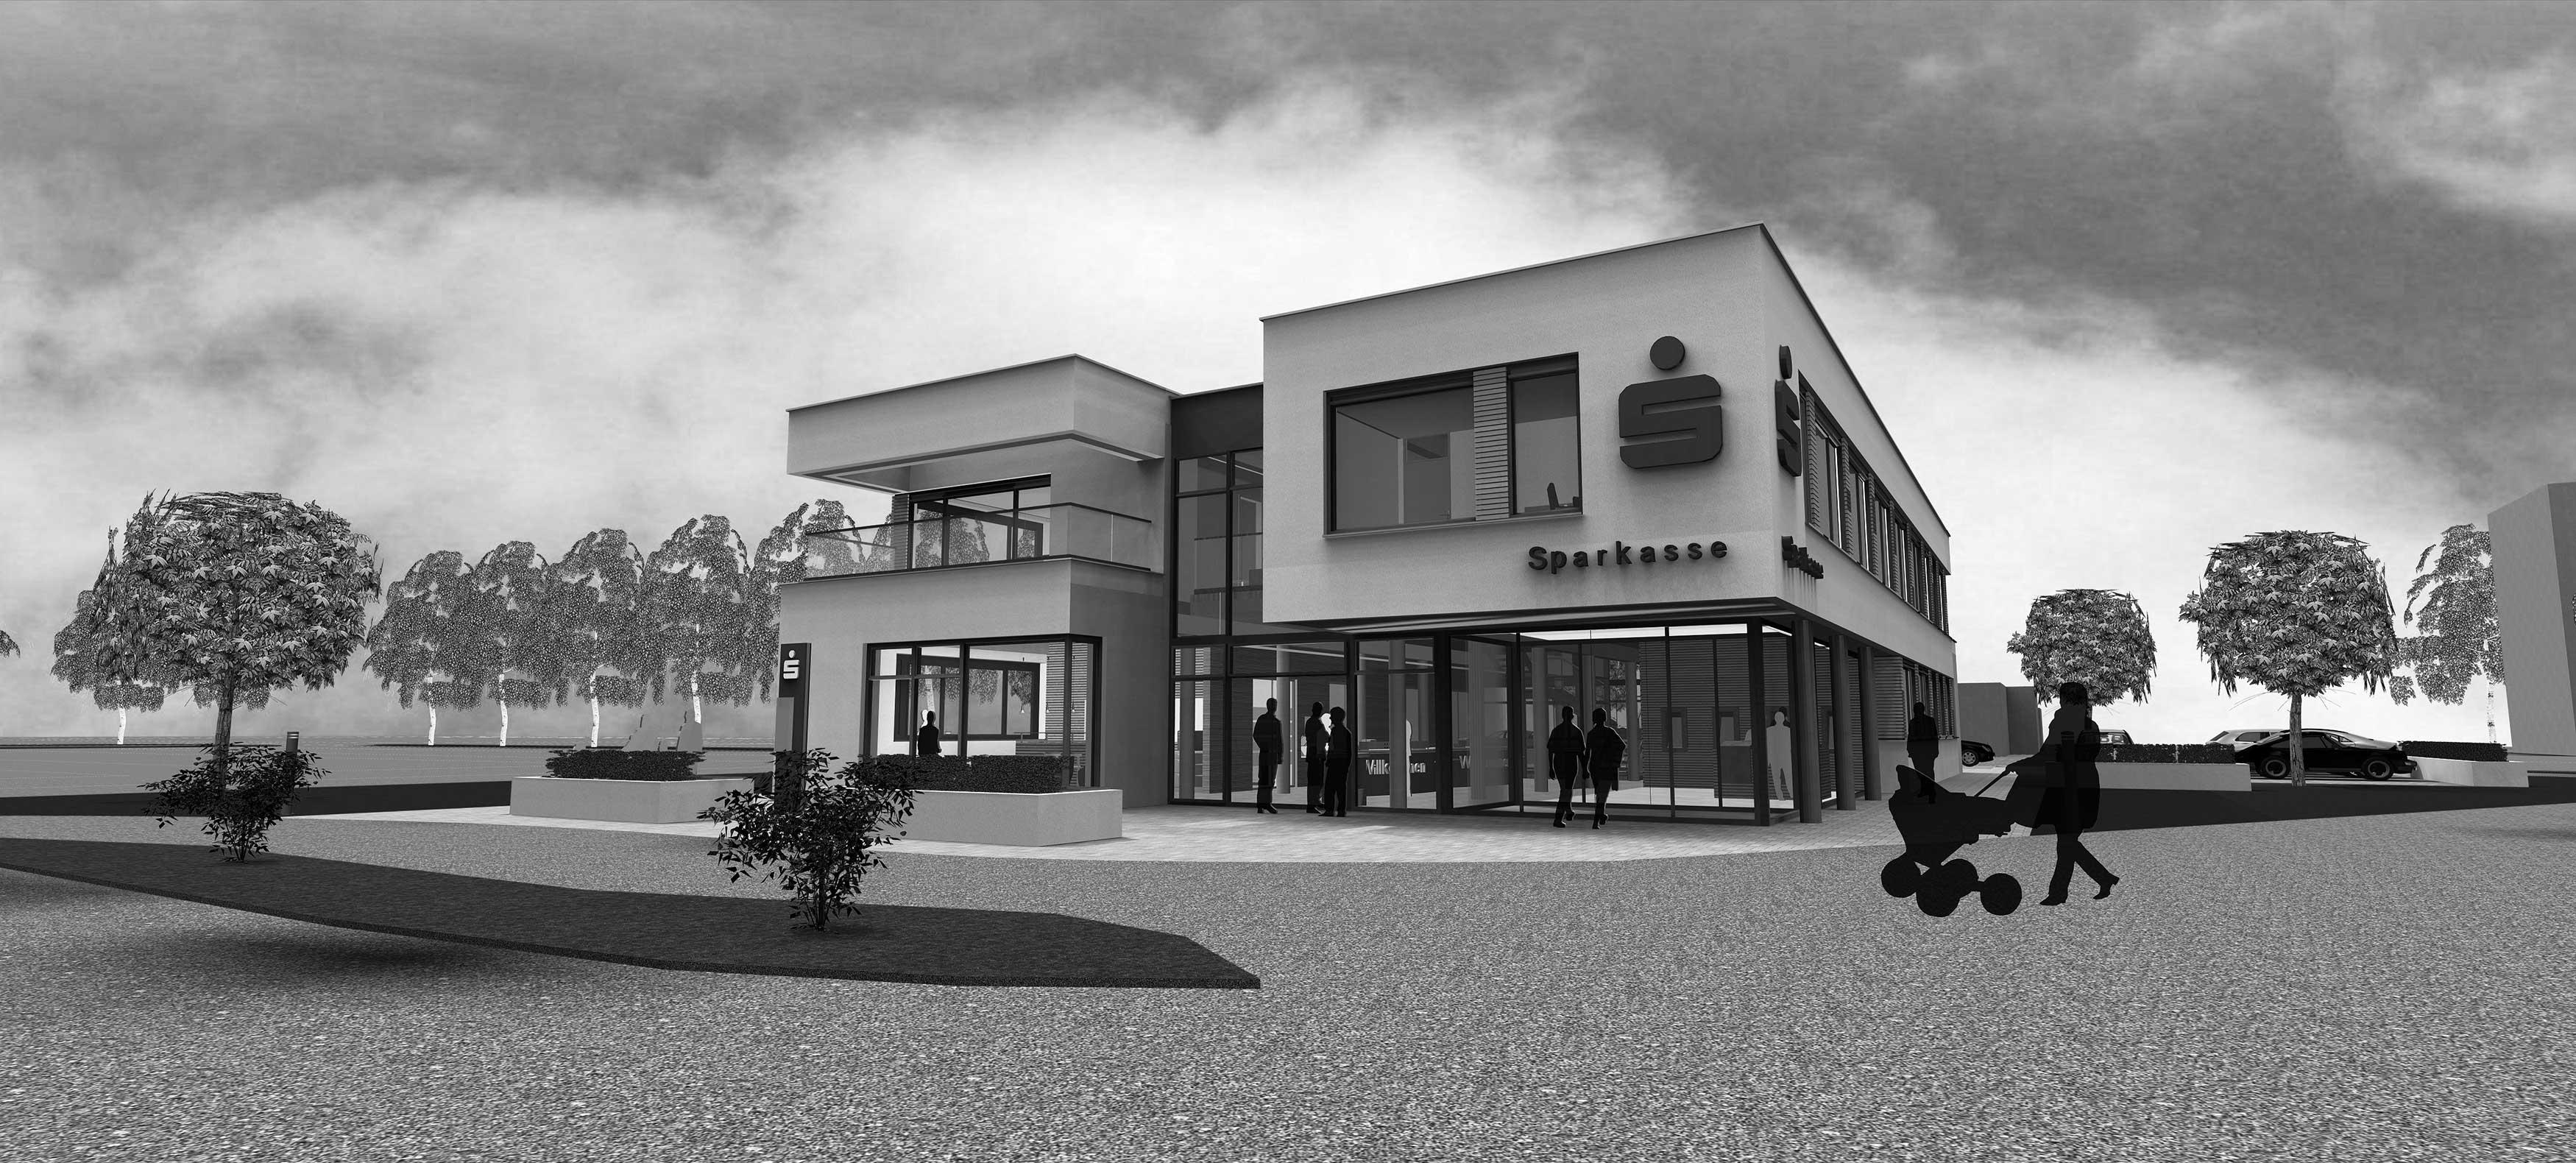 Architektur- & Ingenieurbüro Schulenberg in Hamm - Projekt: Wettbewerb Sparkasse Hamm, Neubau einer Geschäftstelle in Hamm-Werries